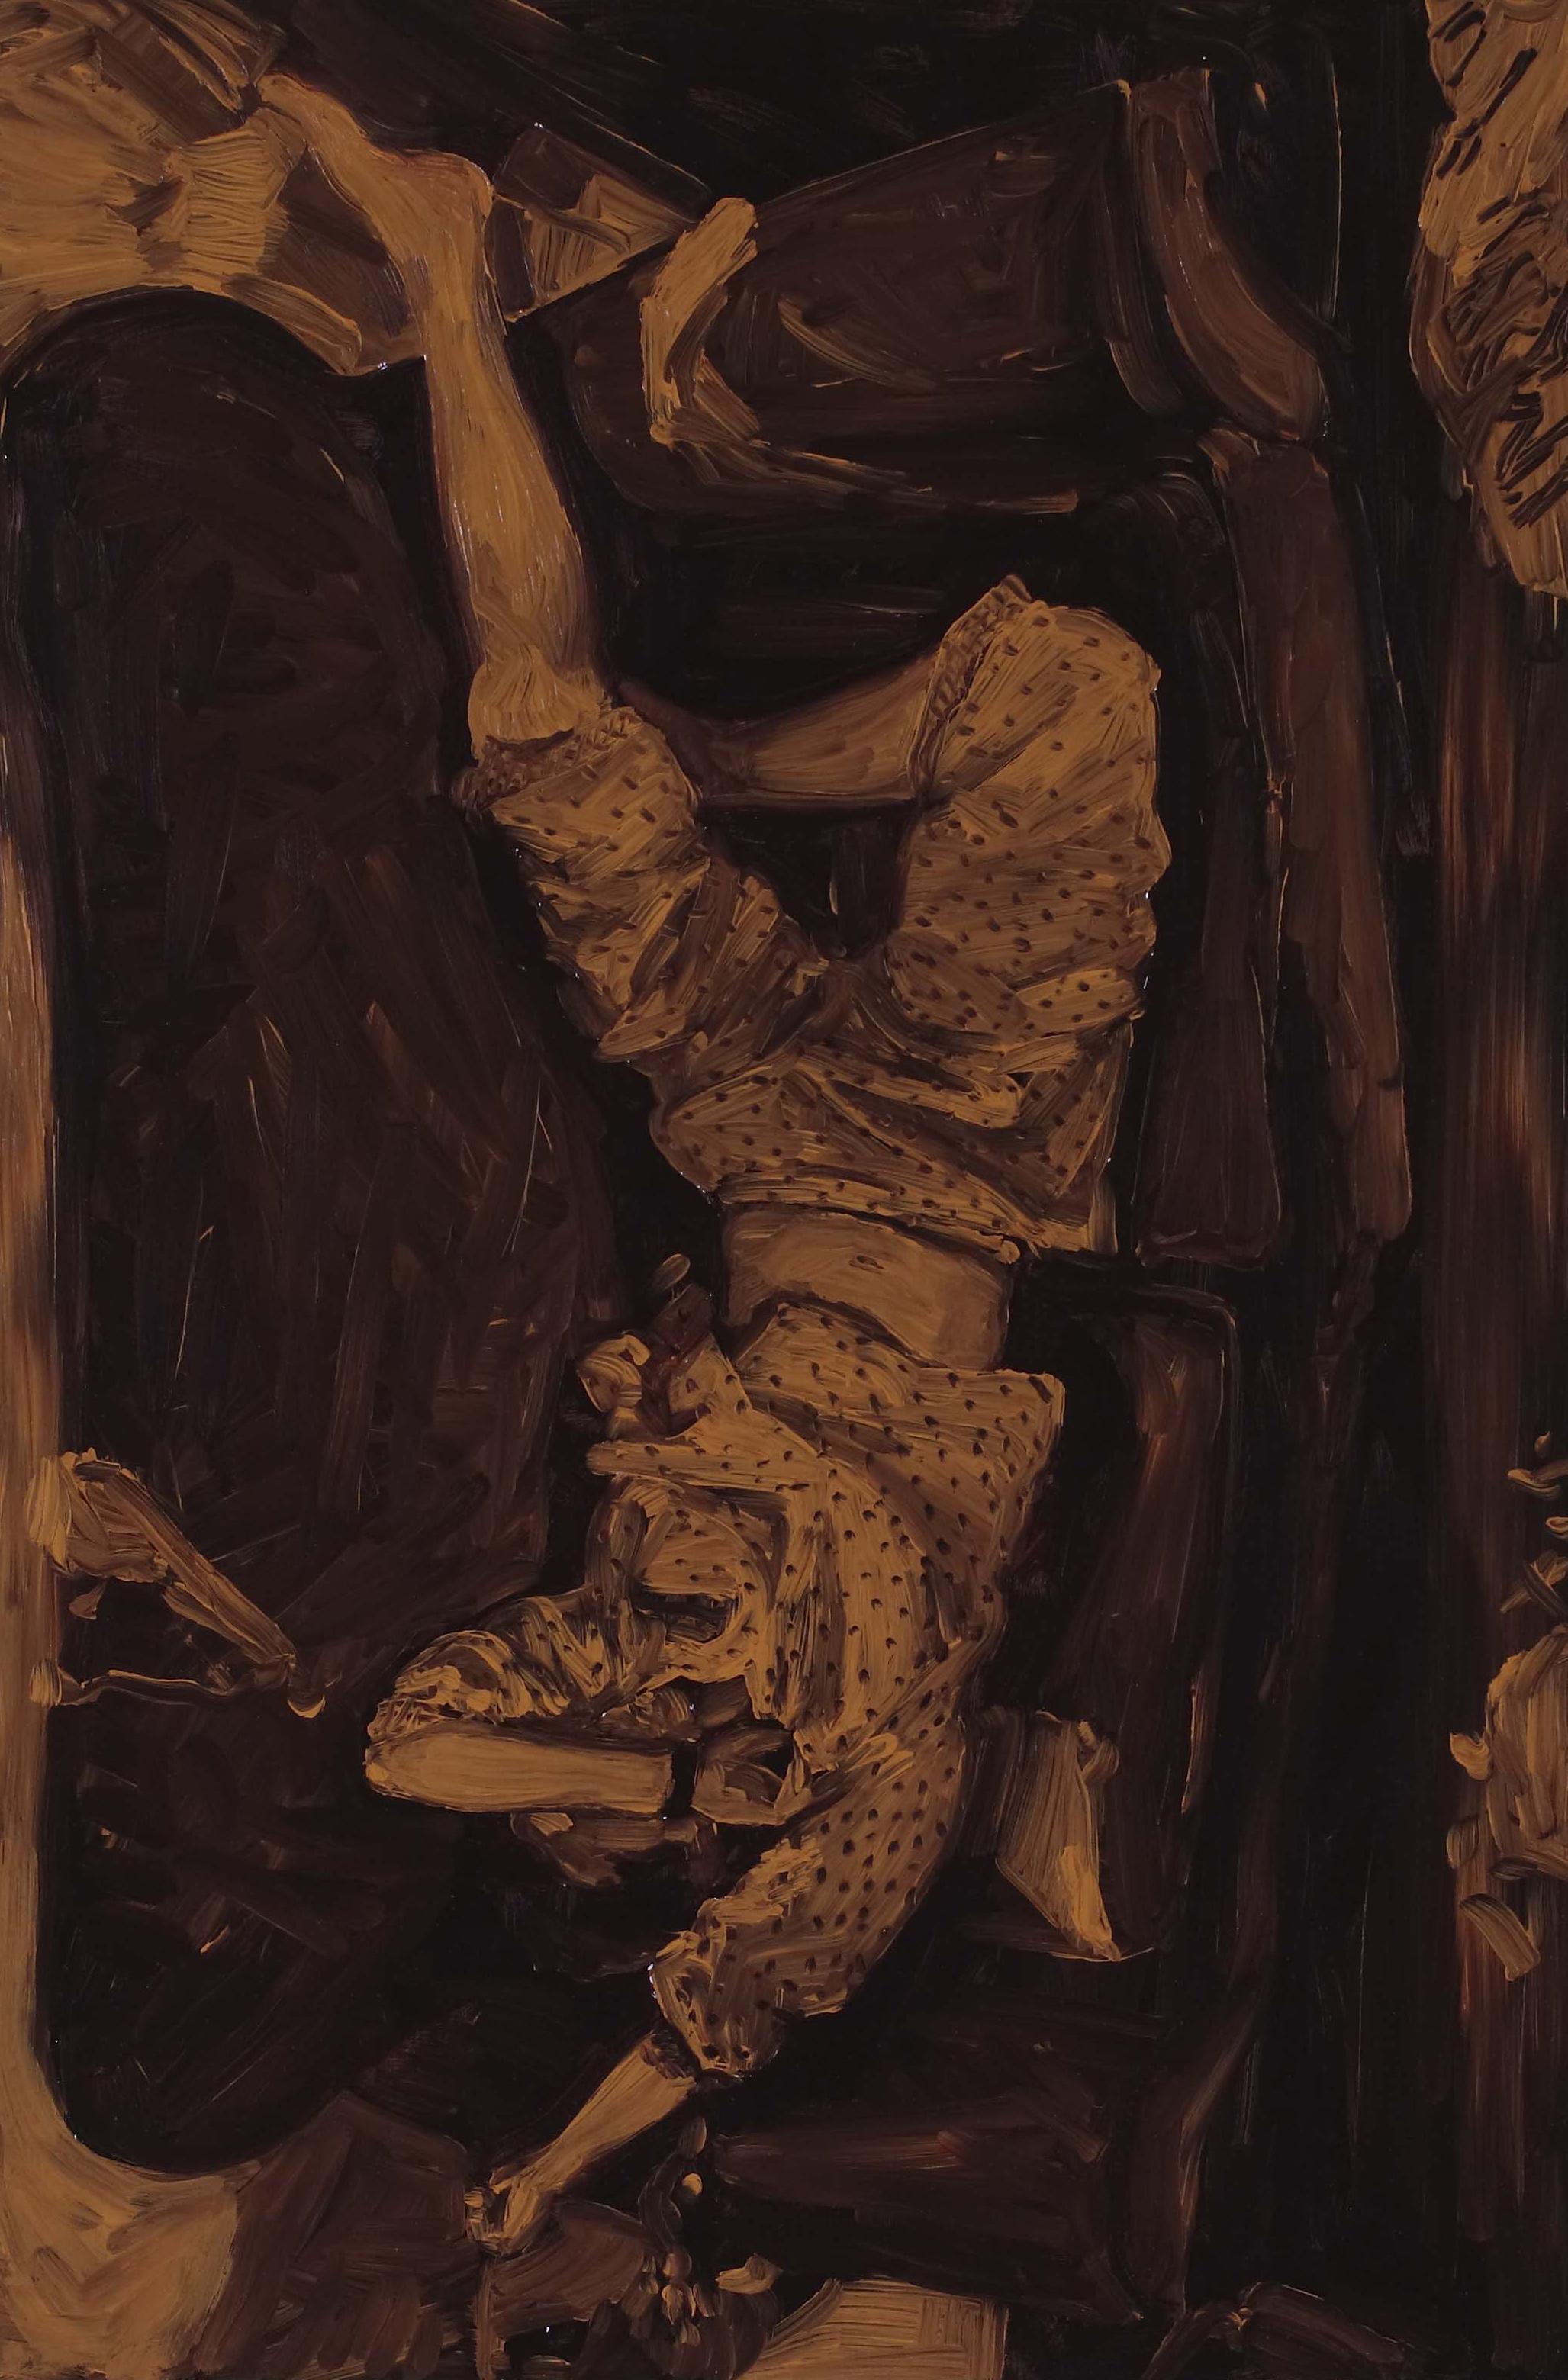 Reclining Pyjamas, oil on board 60 x 40 cm, 2008.